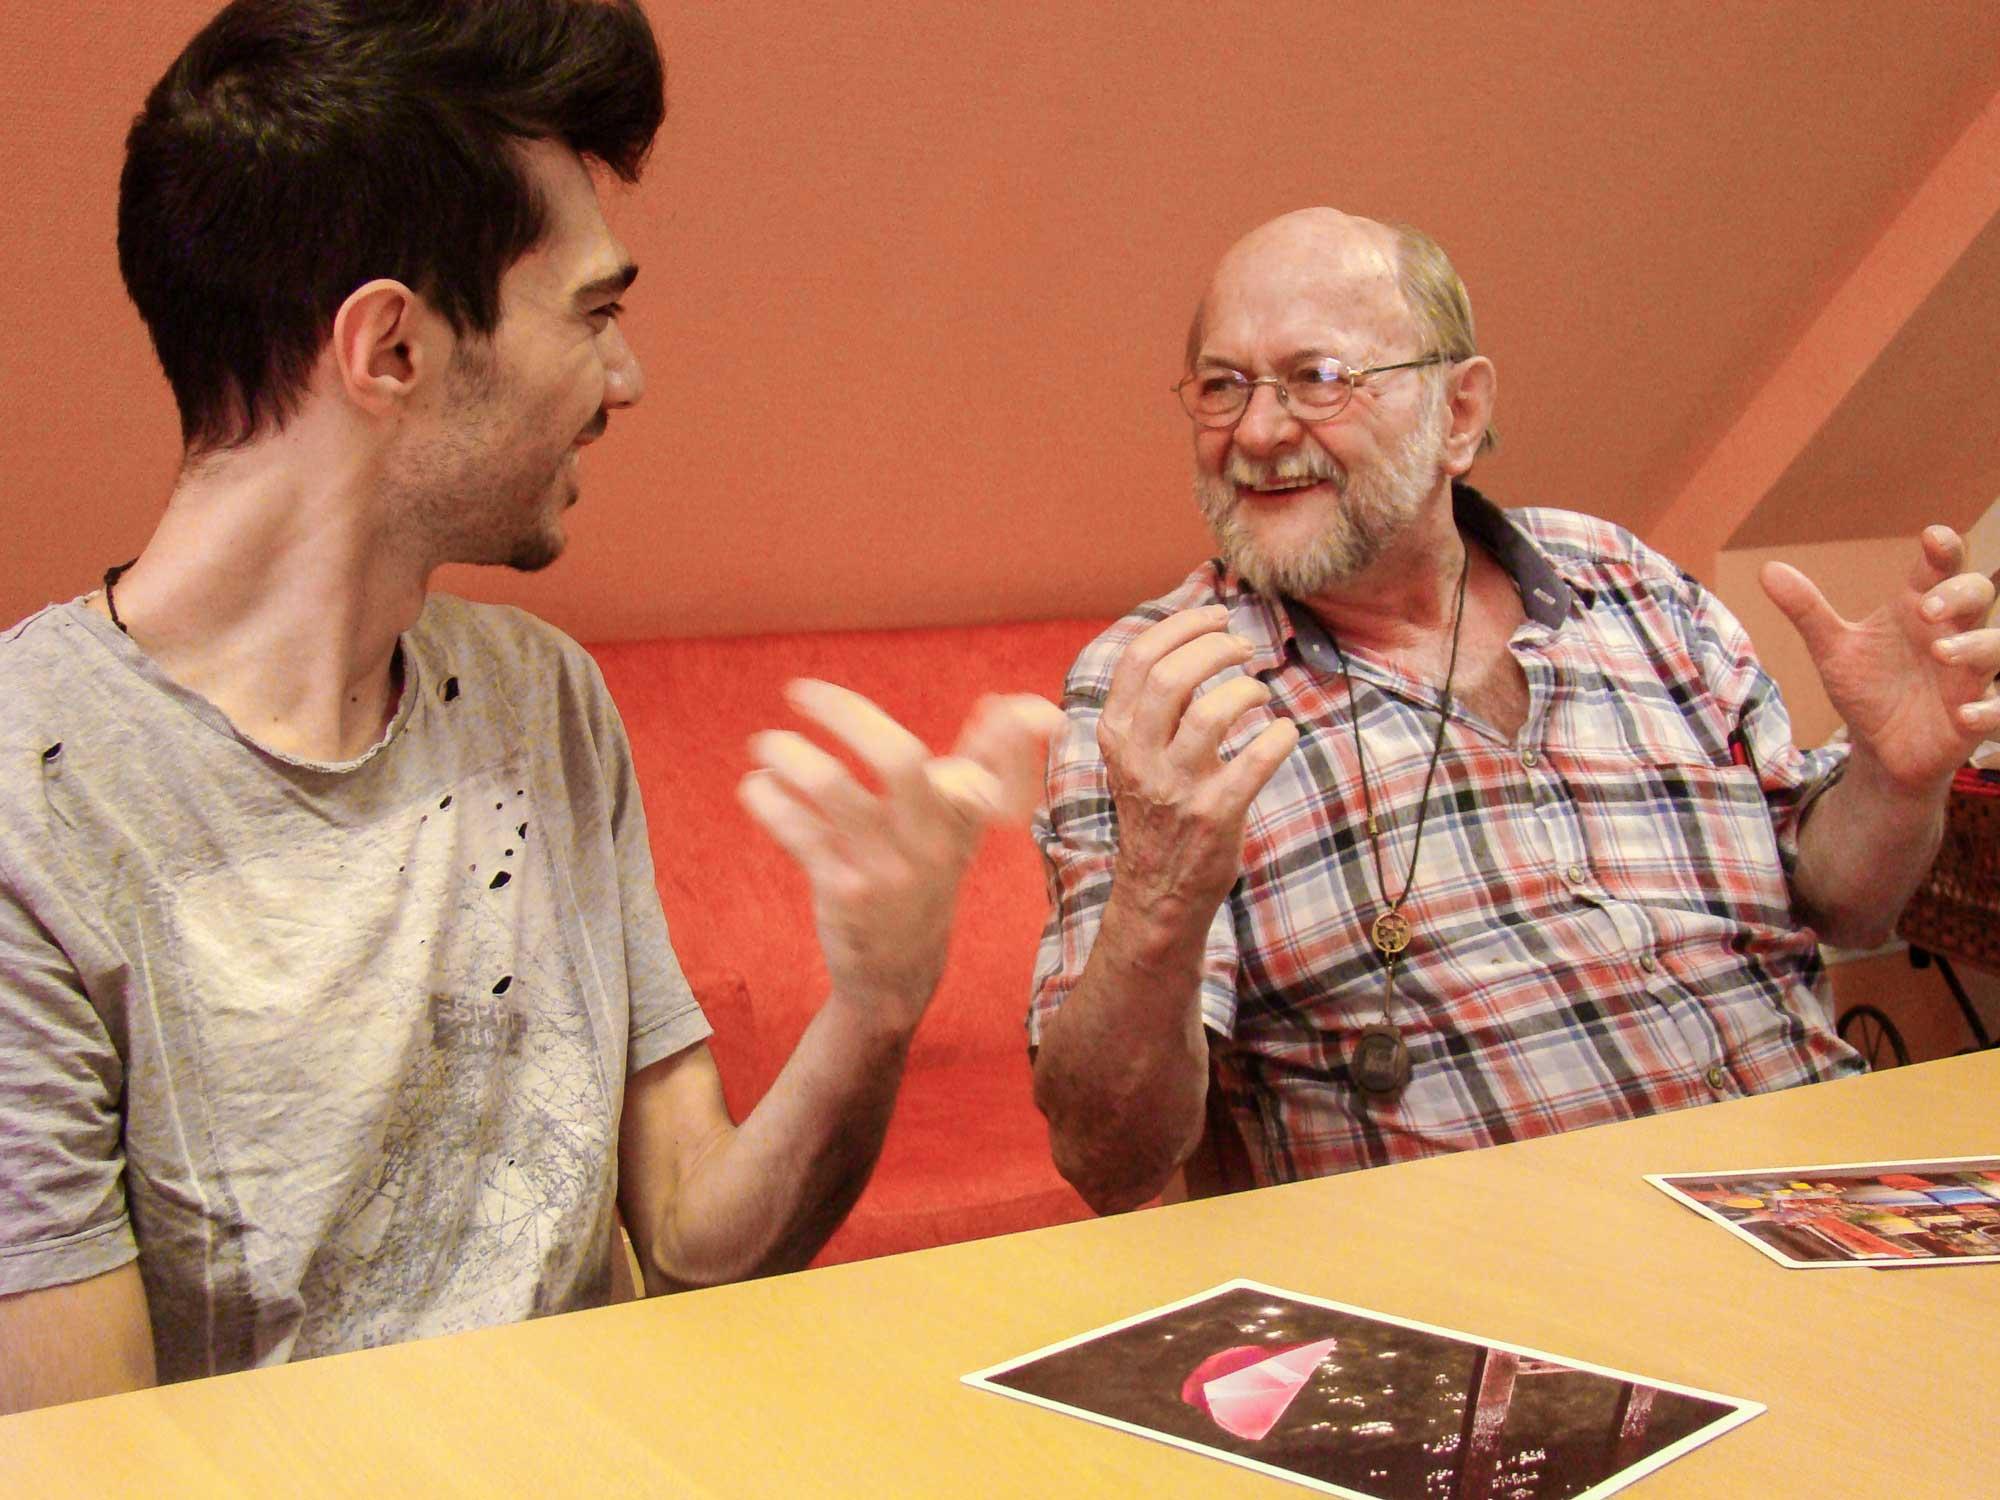 Beim internationalen Meeting gab es einen lebendigen Austausch zwischen Jung und Alt.